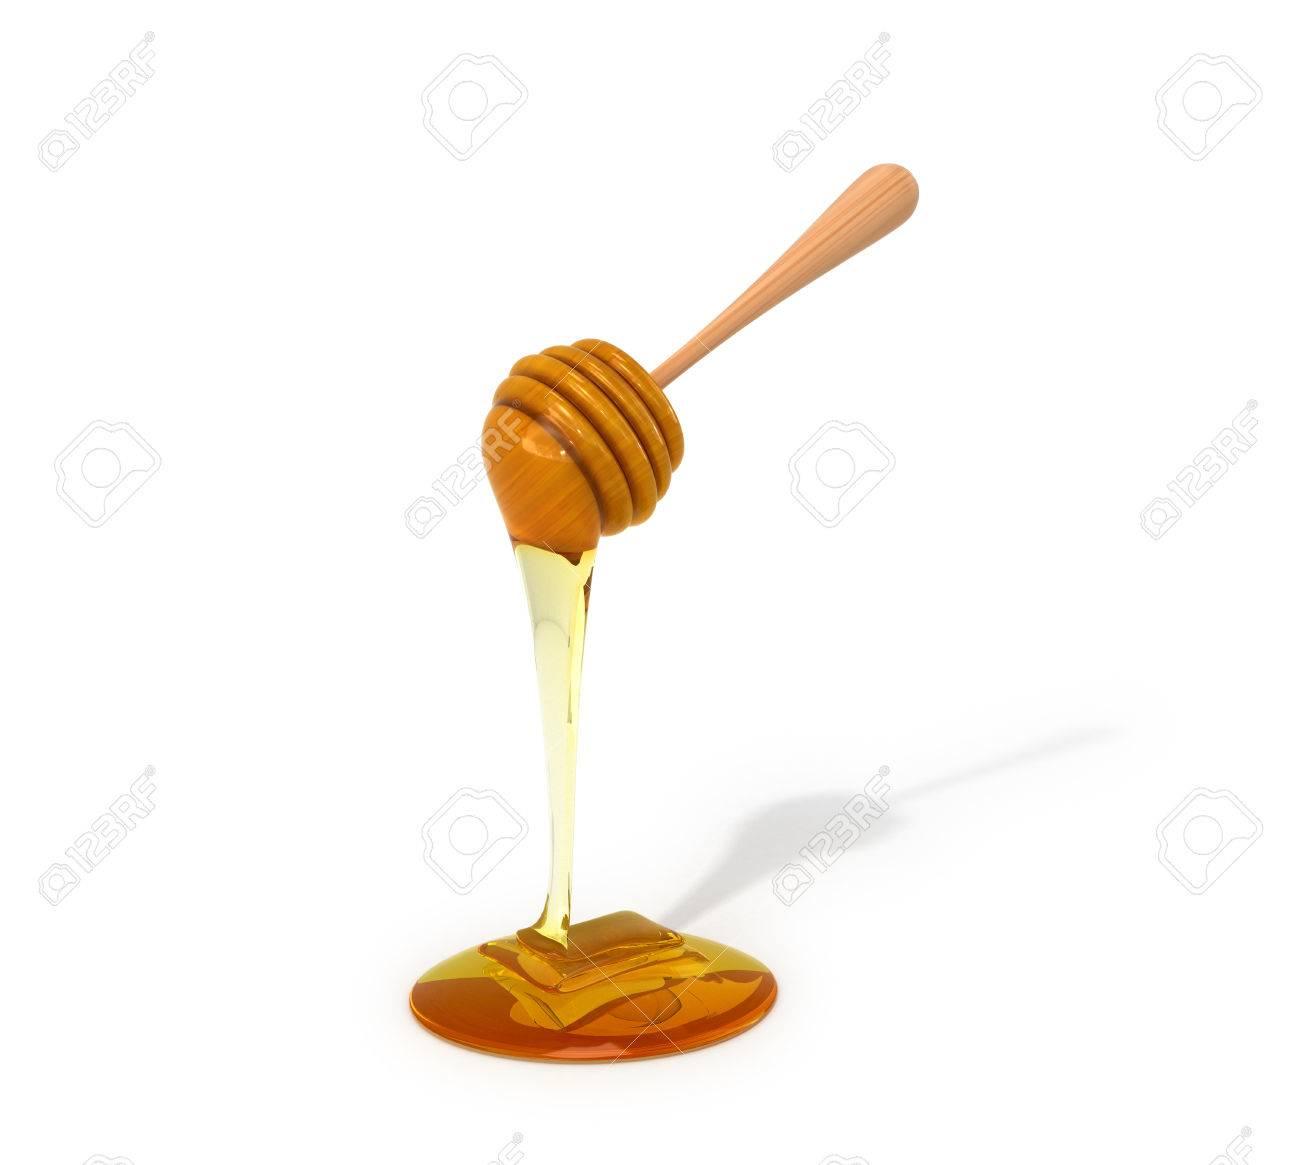 白い背景の上の蜂蜜します。蜂蜜は、割り箸はすごくカッコイイです。3 d